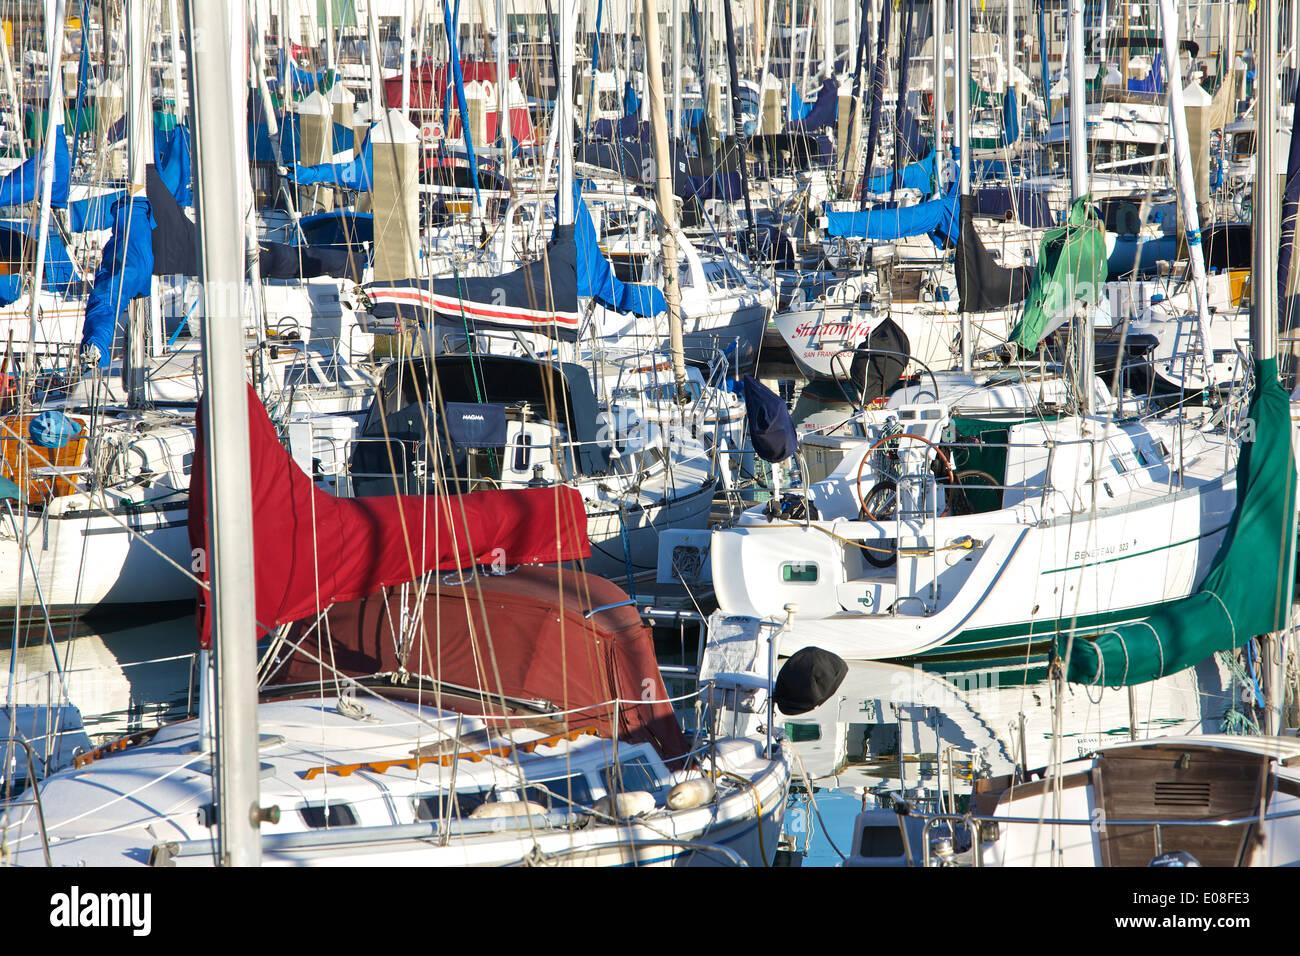 South Beach Marina, San Francisco Stock Photo: 69029243 - Alamy